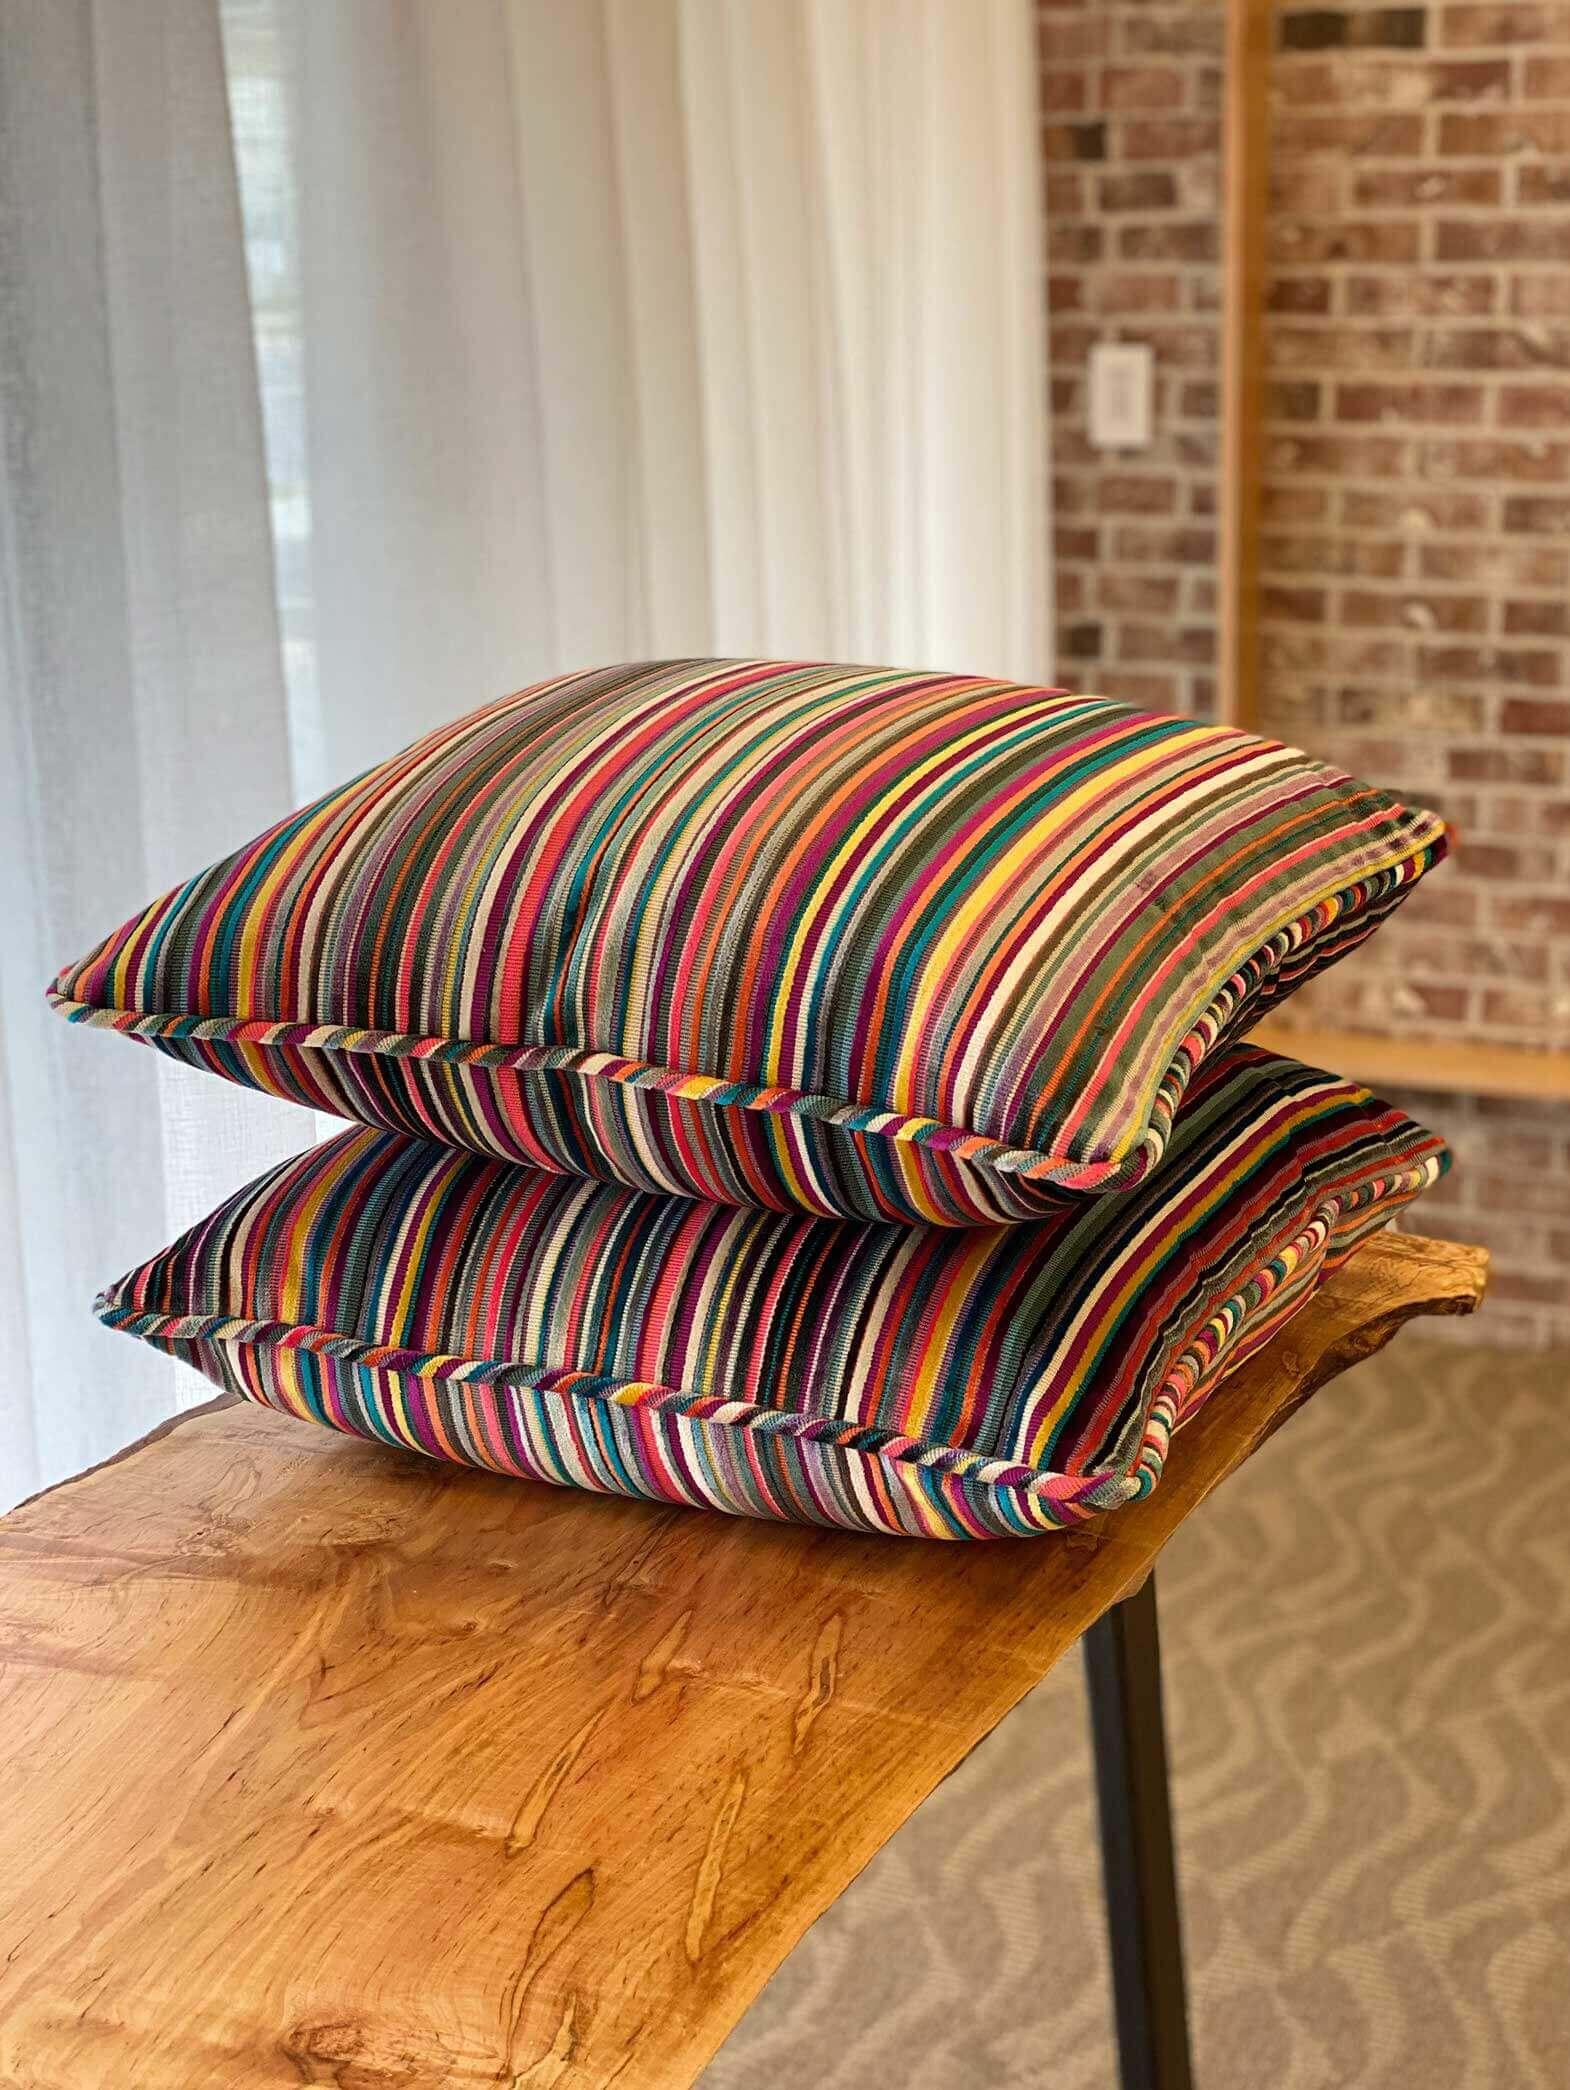 14-multi-colored-pillows1